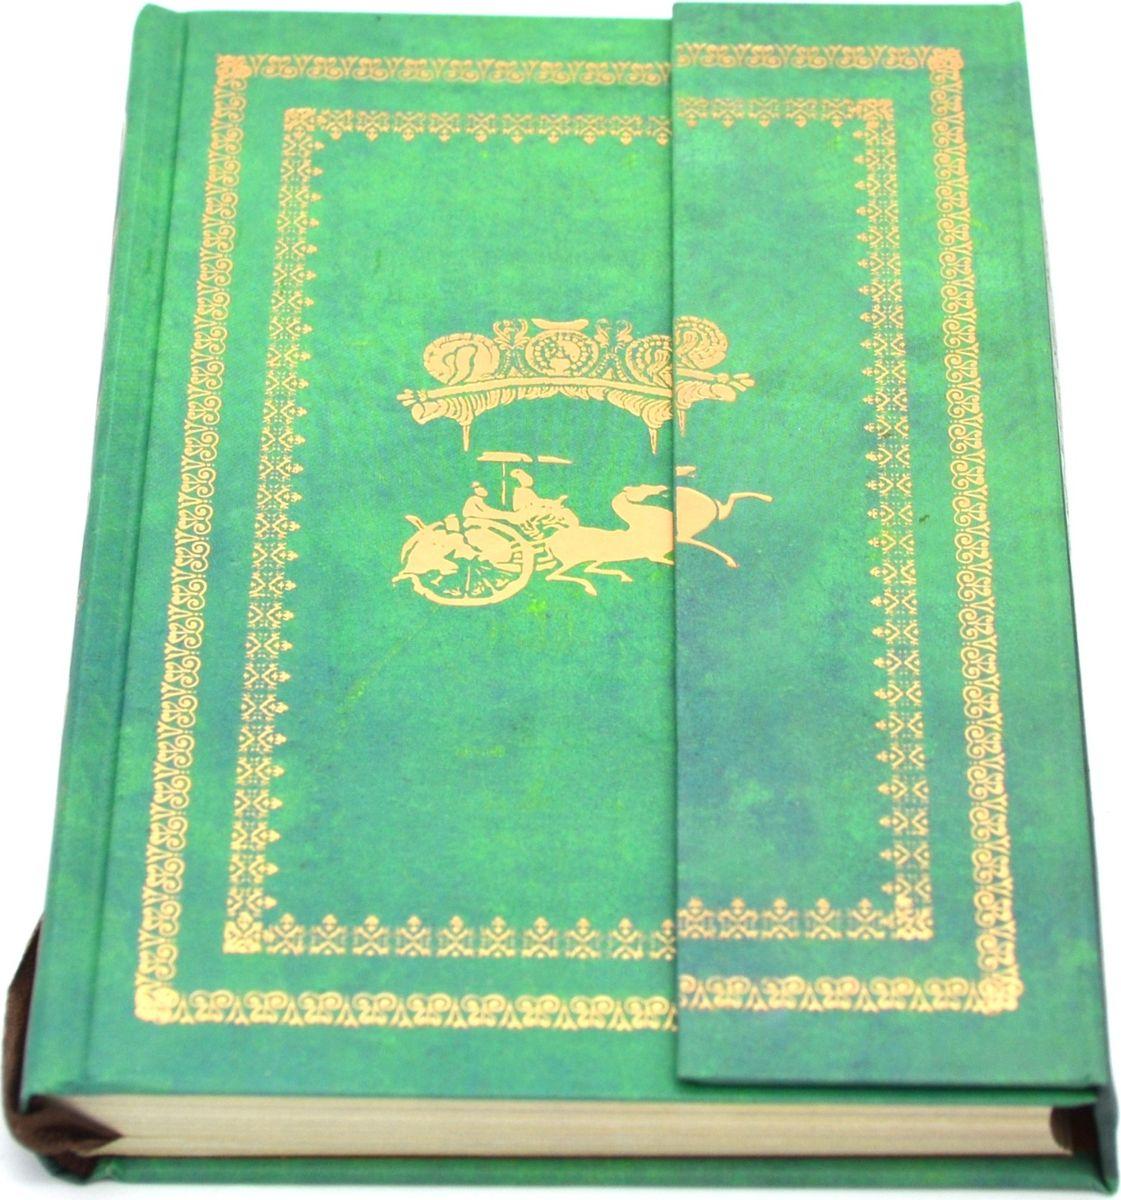 Карамба Блокнот на магните 98 листов цвет зеленый4126Стильный блокнот Карамба с жесткой обложкой - незаменимый атрибут современного человека, необходимый для рабочих и повседневных записей в офисе и дома. Магнитная застежка. 98 цветных листов с нежным рисунком.